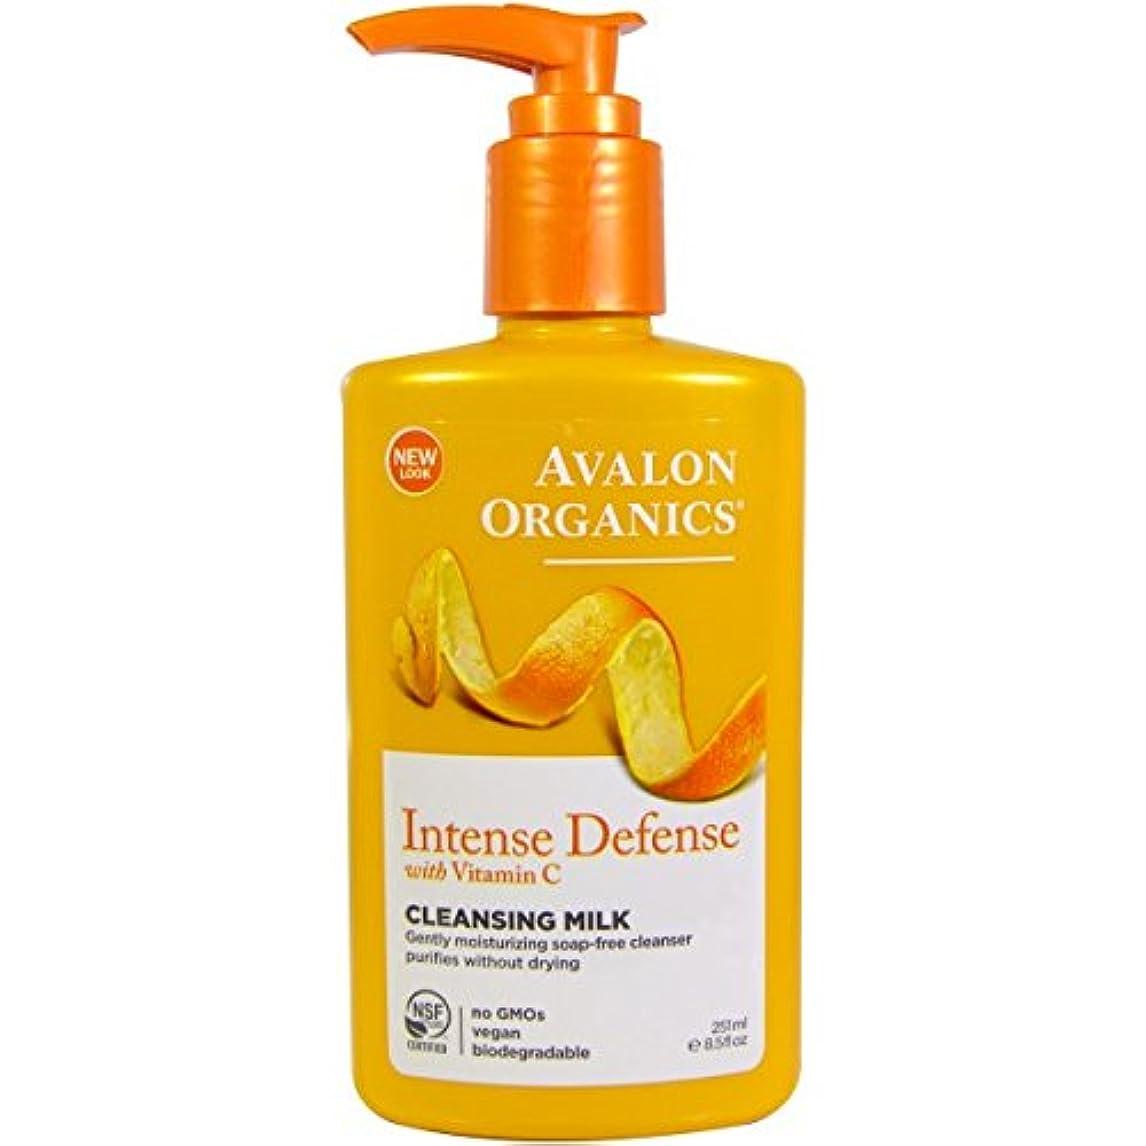 観光に行く移植今晩[海外直送品] アバロンオーガニック(Avalon Organics) ビタミンC クレンジングミルク  251ml